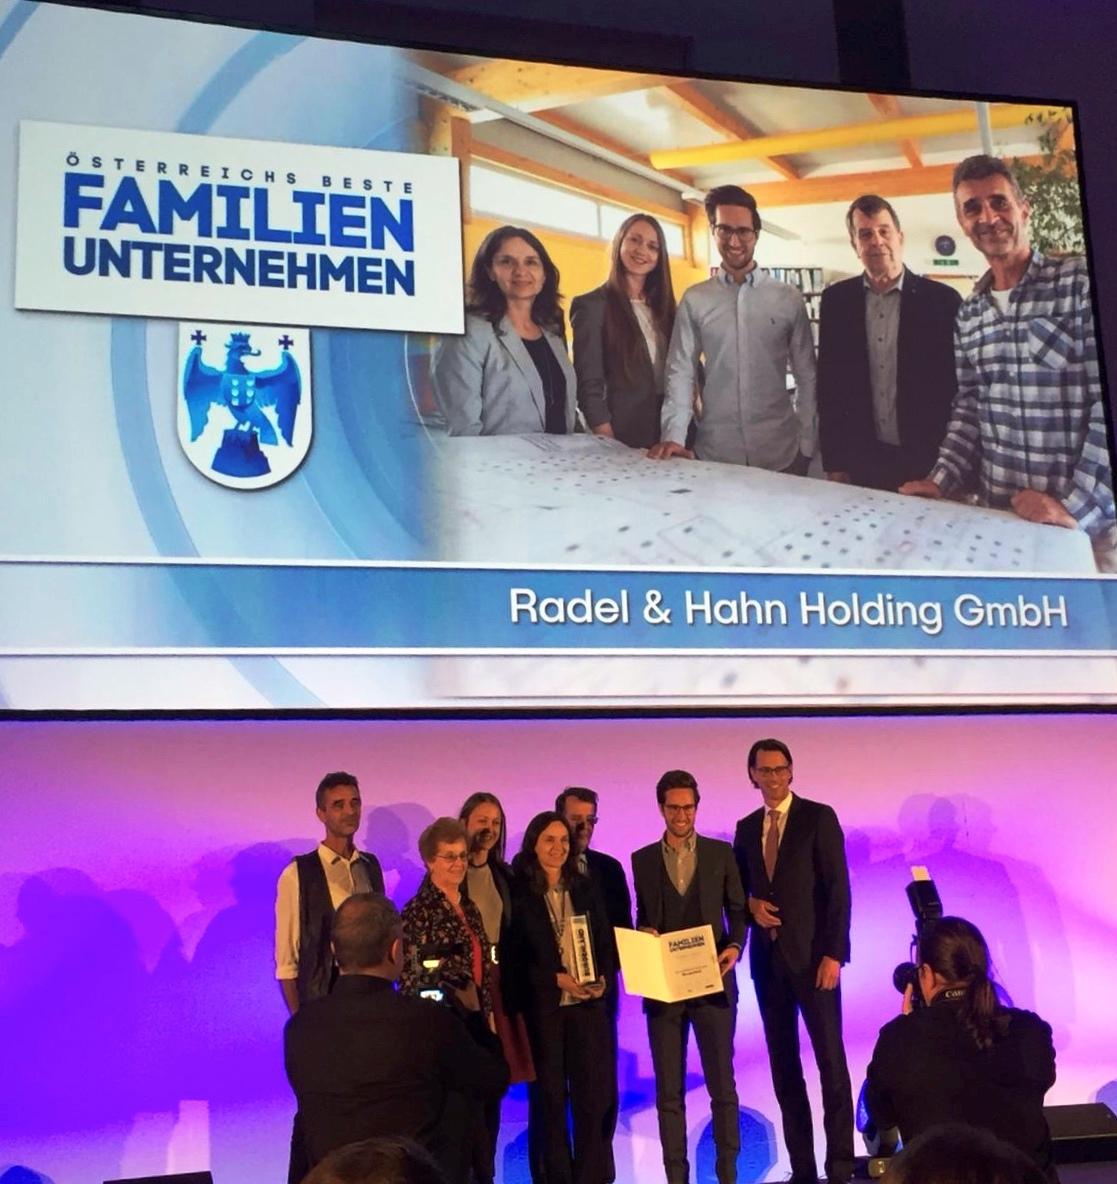 2019-05-14 R&H Österreichs Beste Familienunternehmen (15)